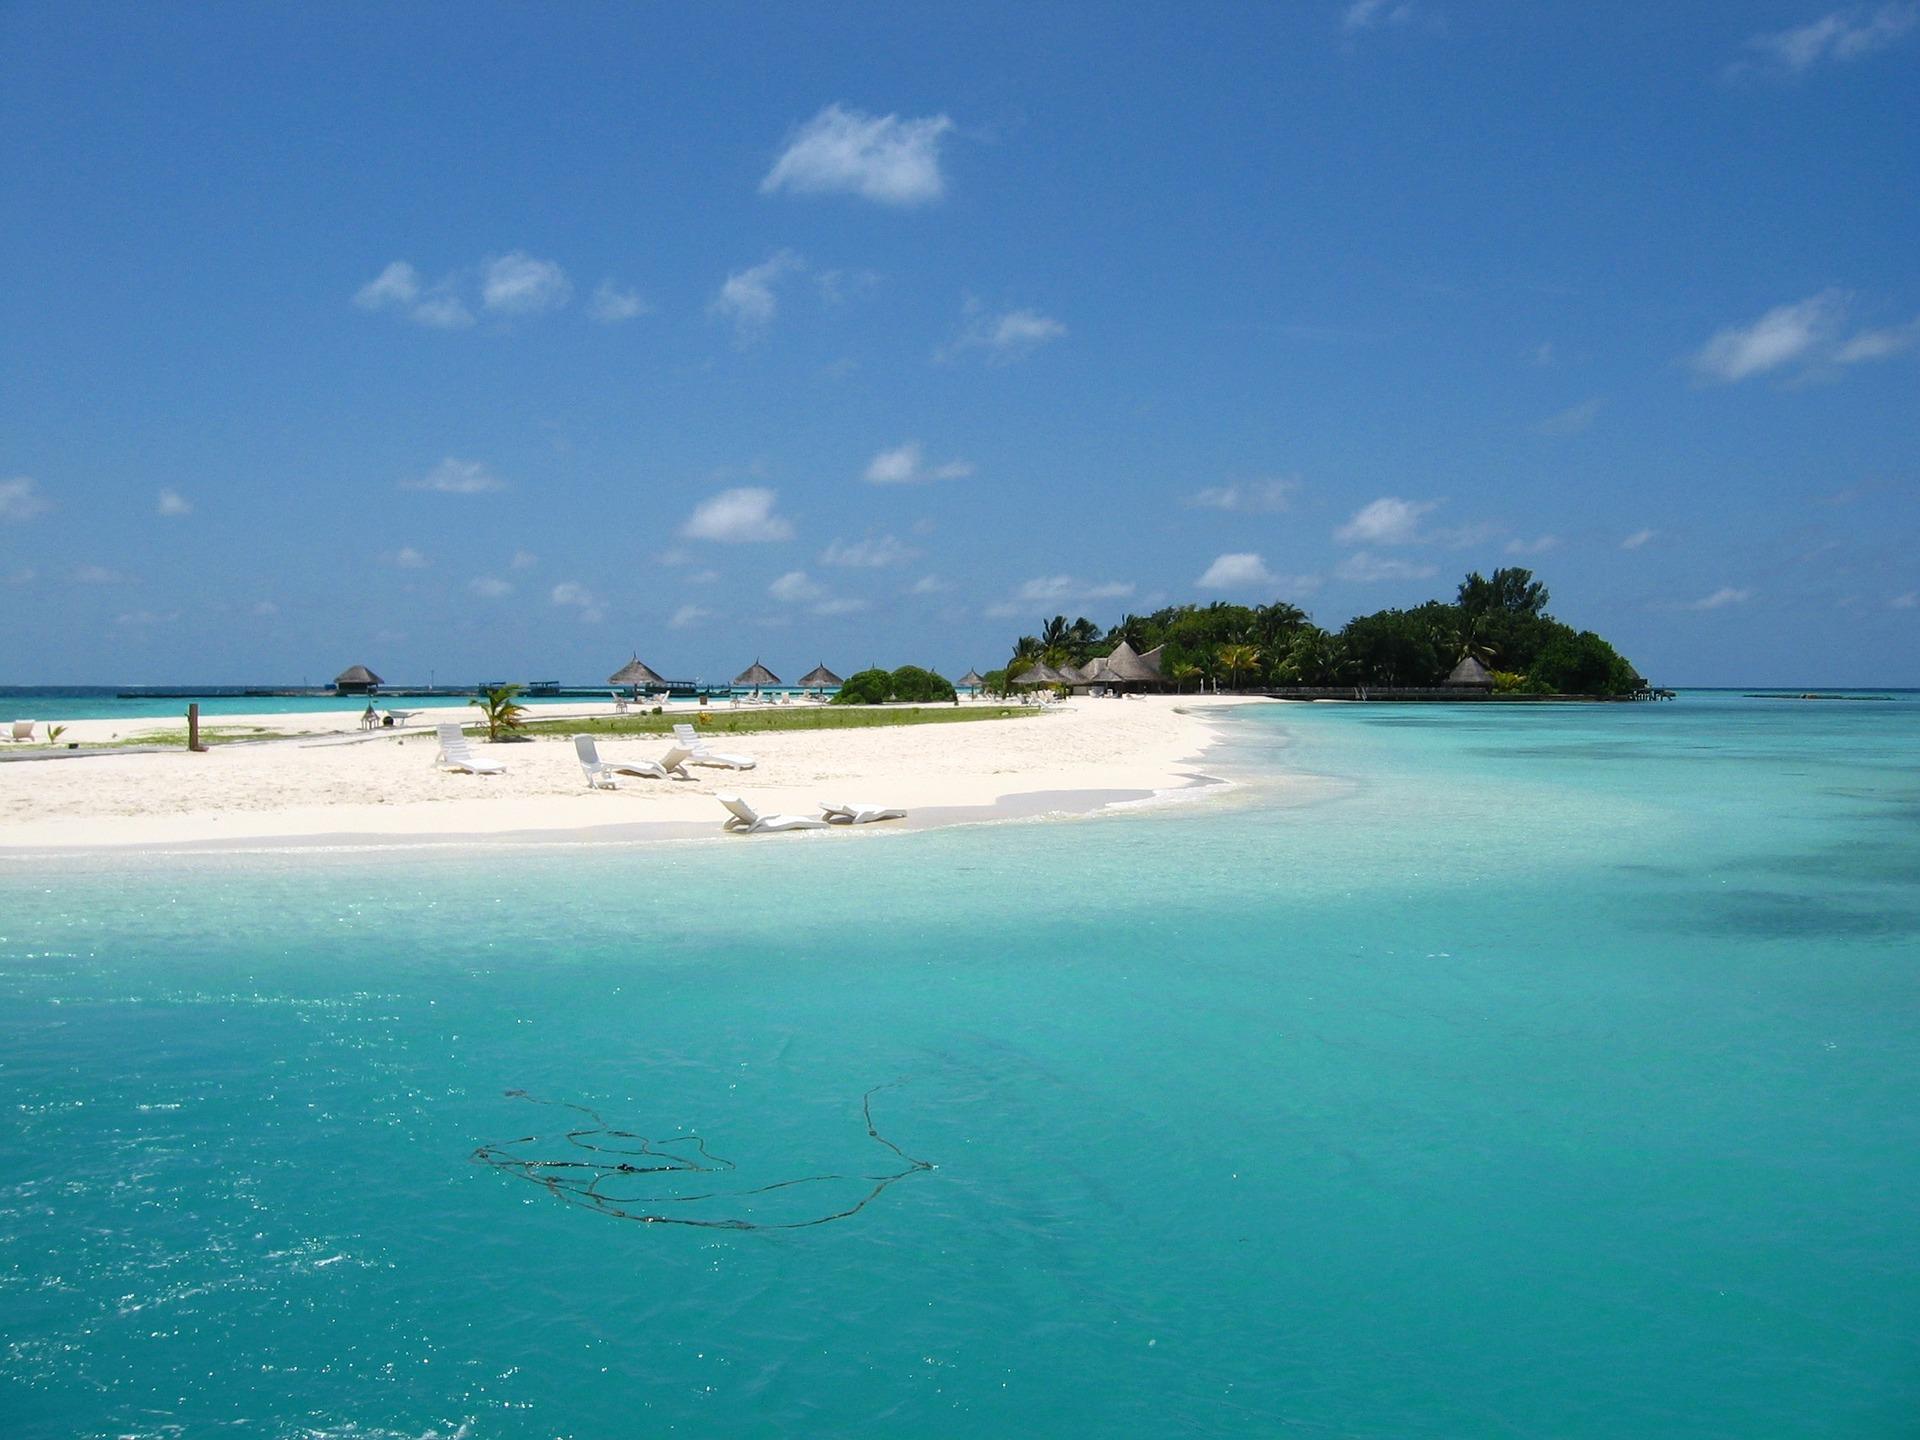 North Male Atoll, Maldives